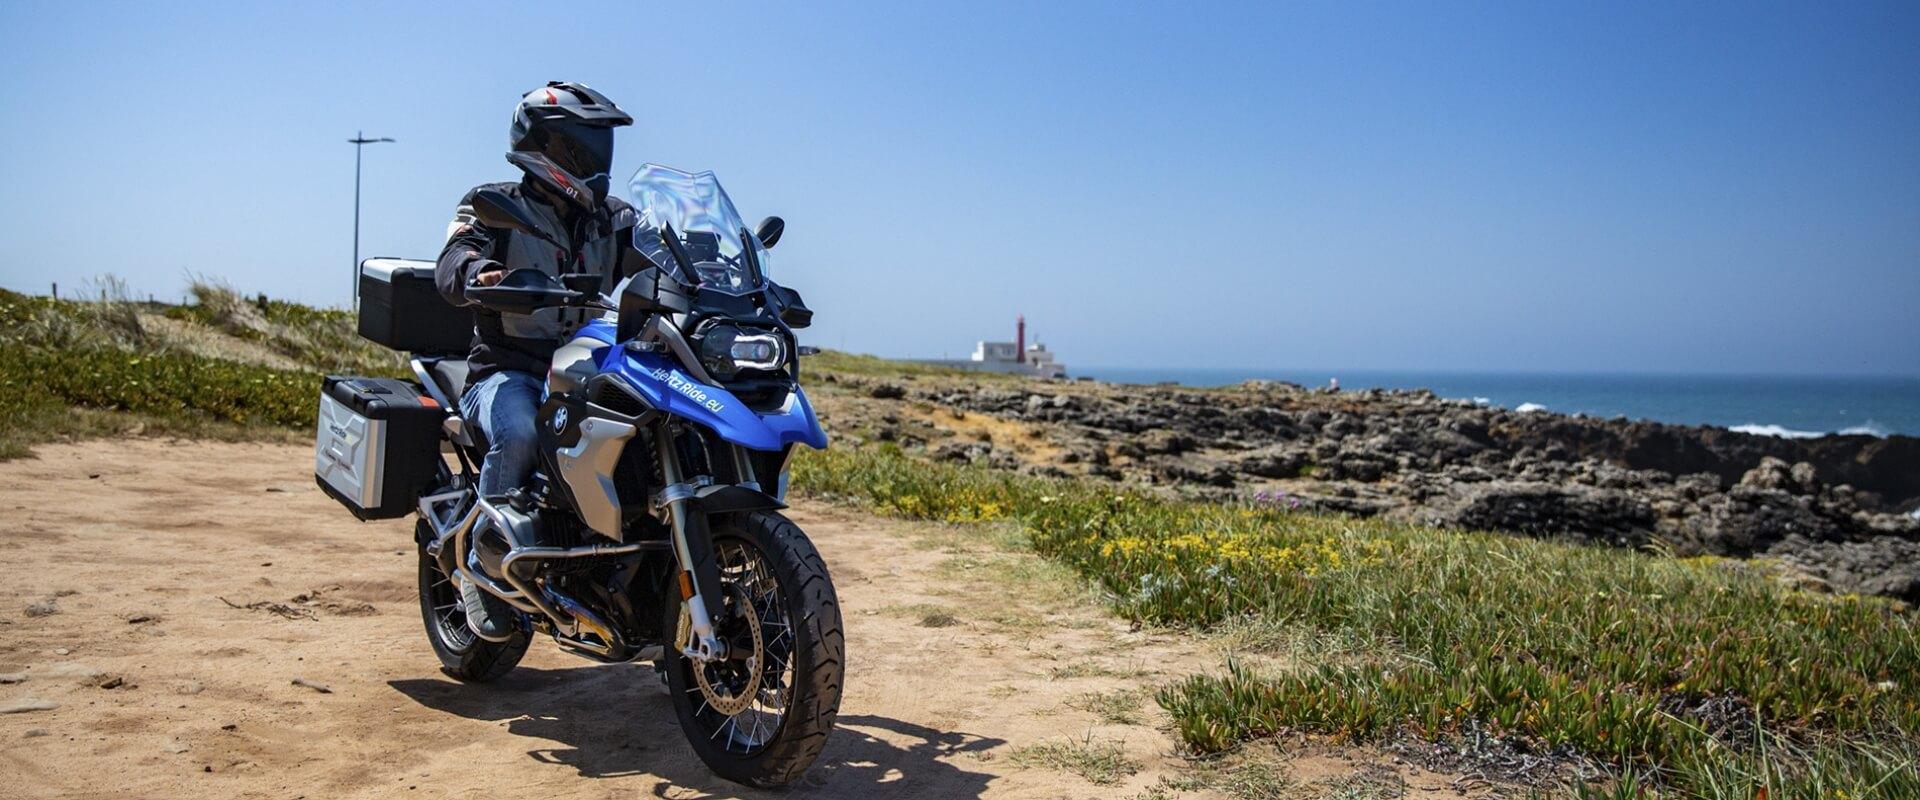 Tour de Moto Córsega